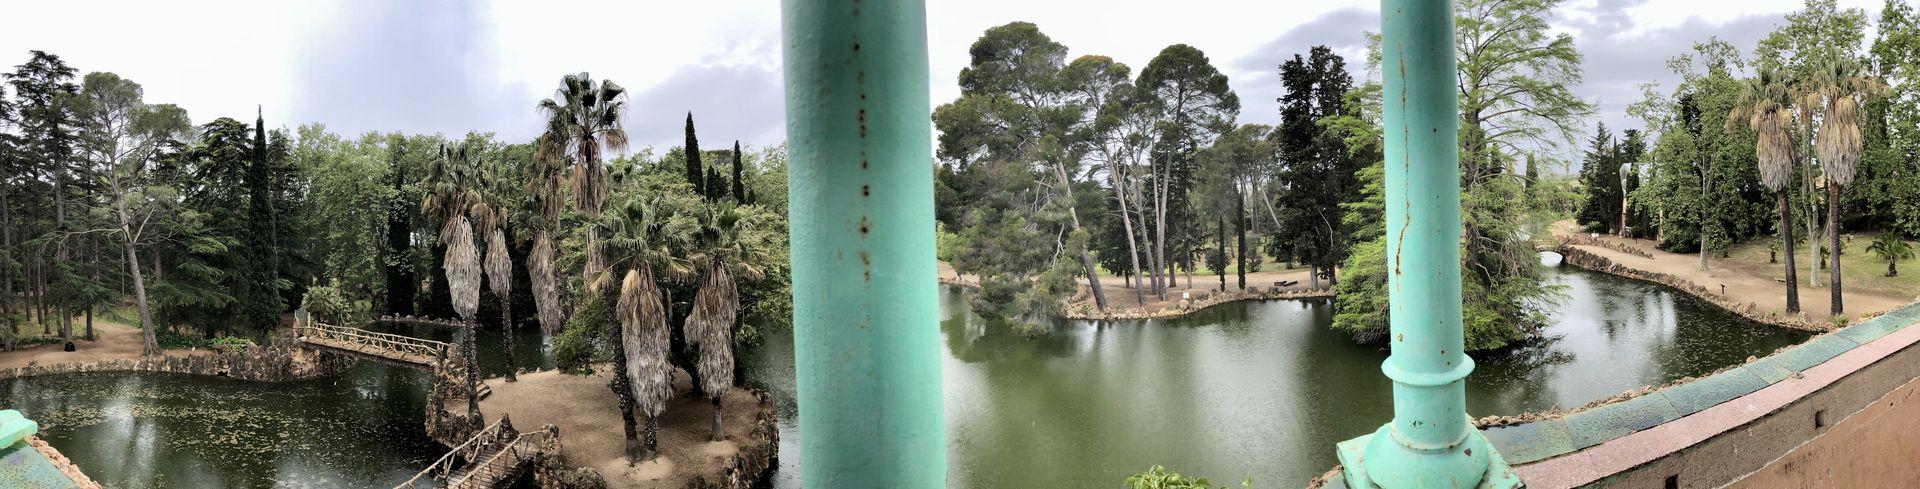 Modernismus und Natur gehen eine eklektische Verbindung ein im Parc Samà. Verantwortlich dafür sind der Baumeister Josep Fontserè i Mestresund sein berühmter Gehilfe: Antoni Gaudí.